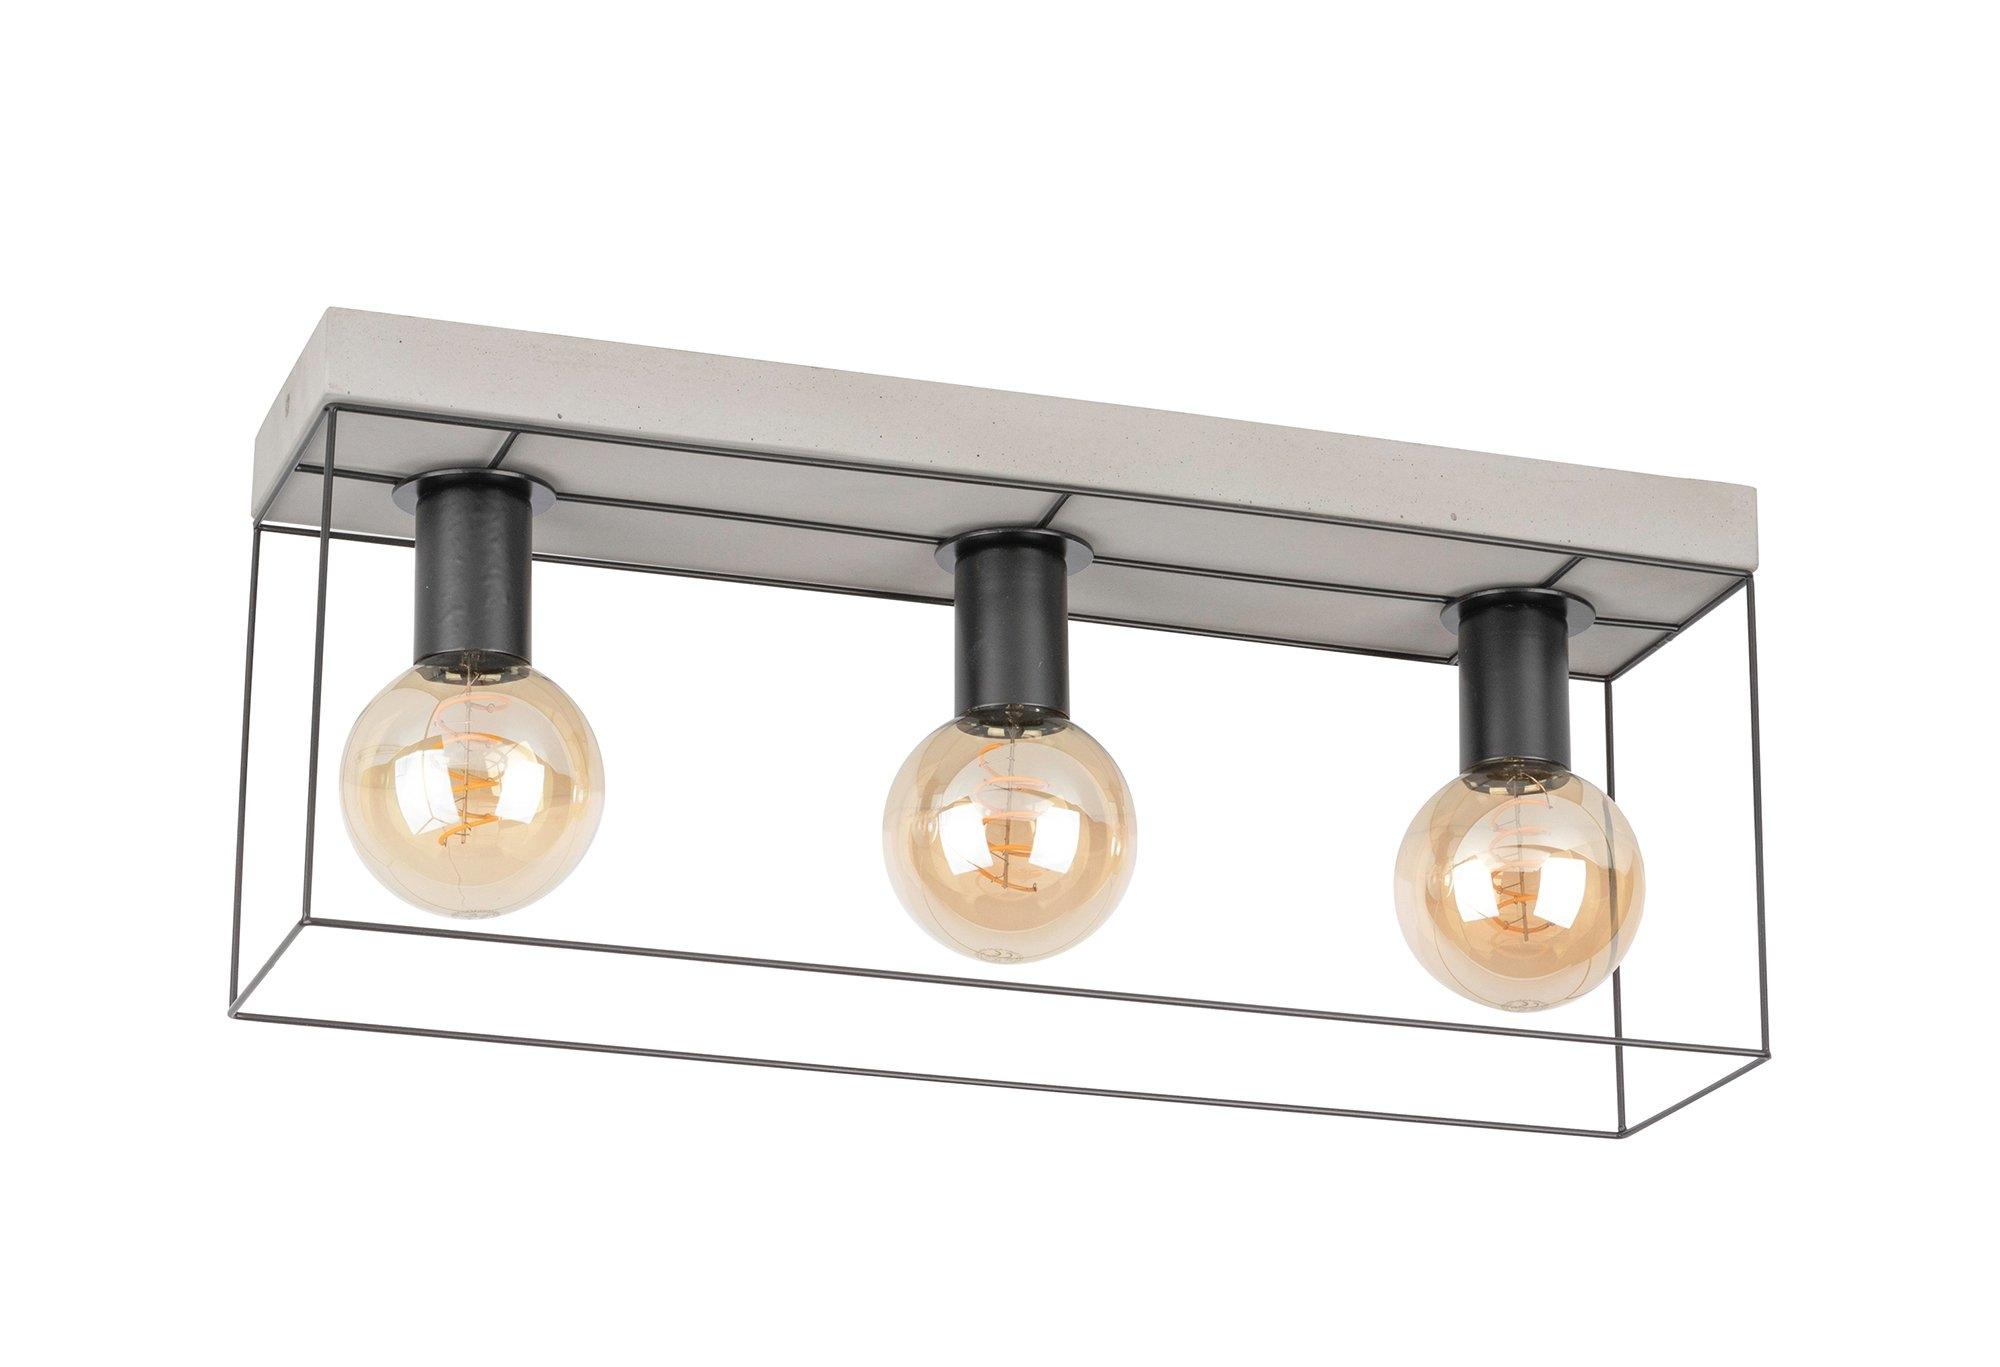 SPOT Light plafondlamp GRETTER CONCRETE Van echt beton en metaal, bijpassende LM E27 / exclusief, natuurproduct Made in Europe bestellen: 30 dagen bedenktijd